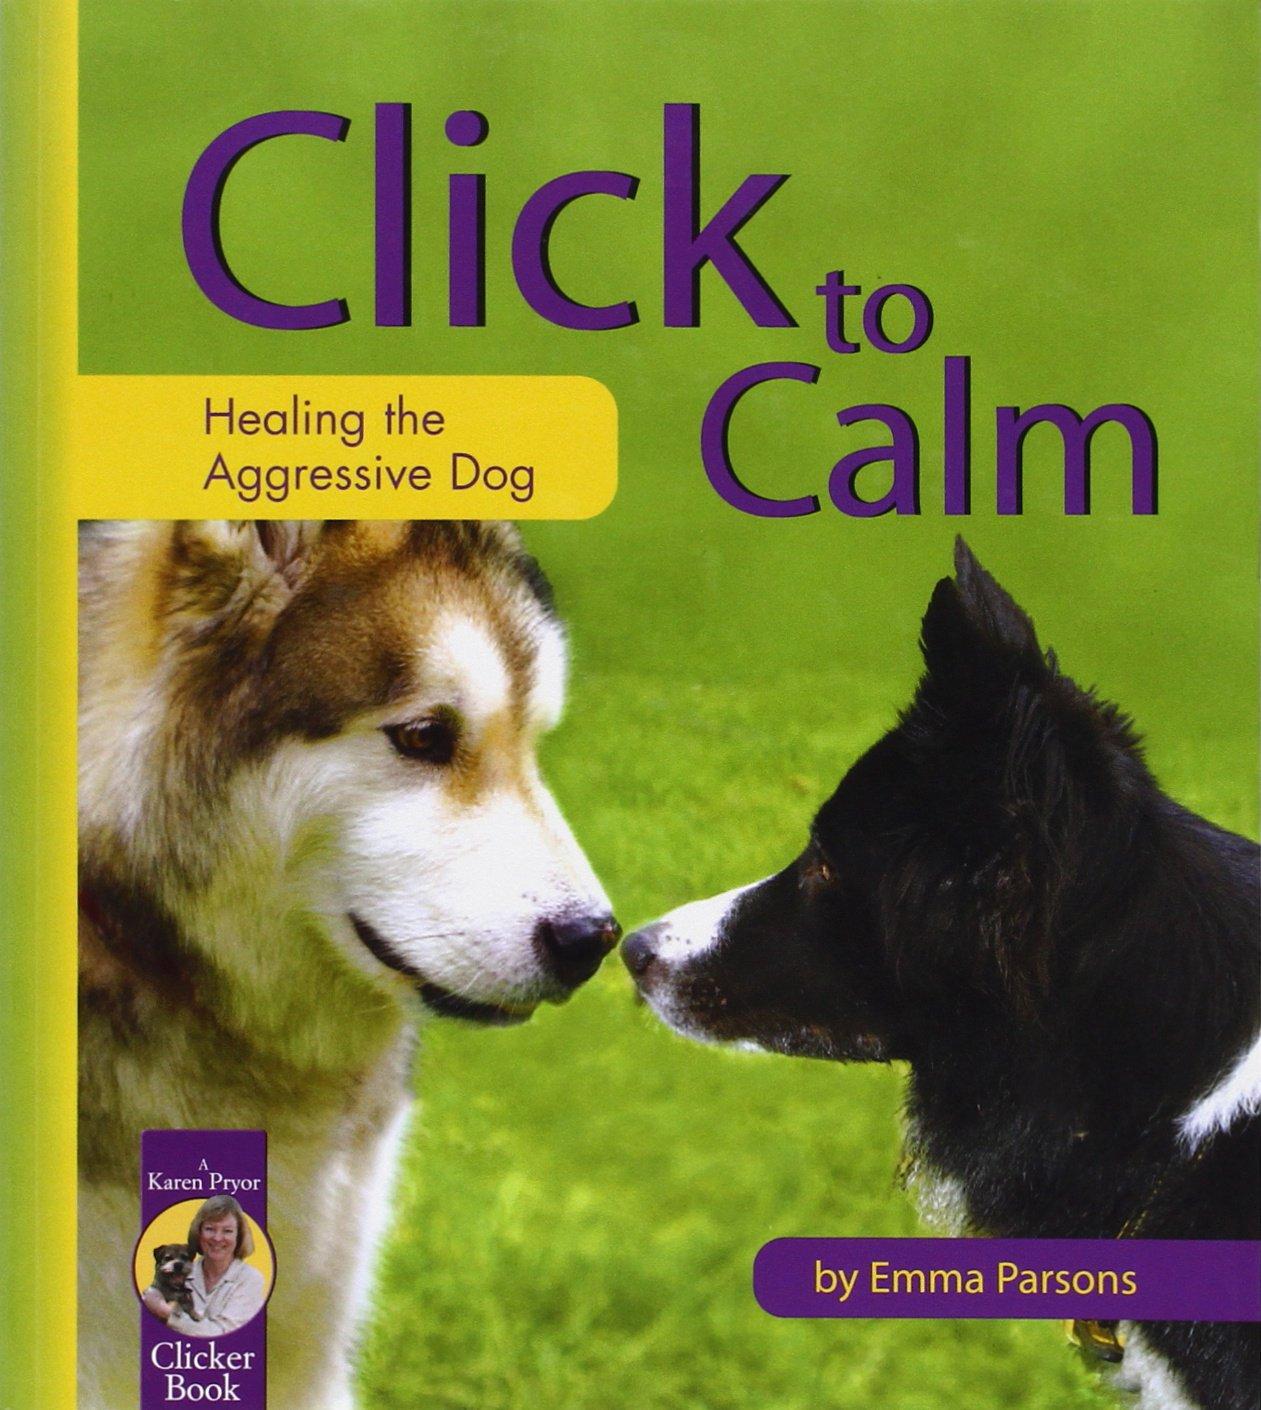 click-to-calm-healing-the-aggressive-dog-karen-pryor-clicker-book